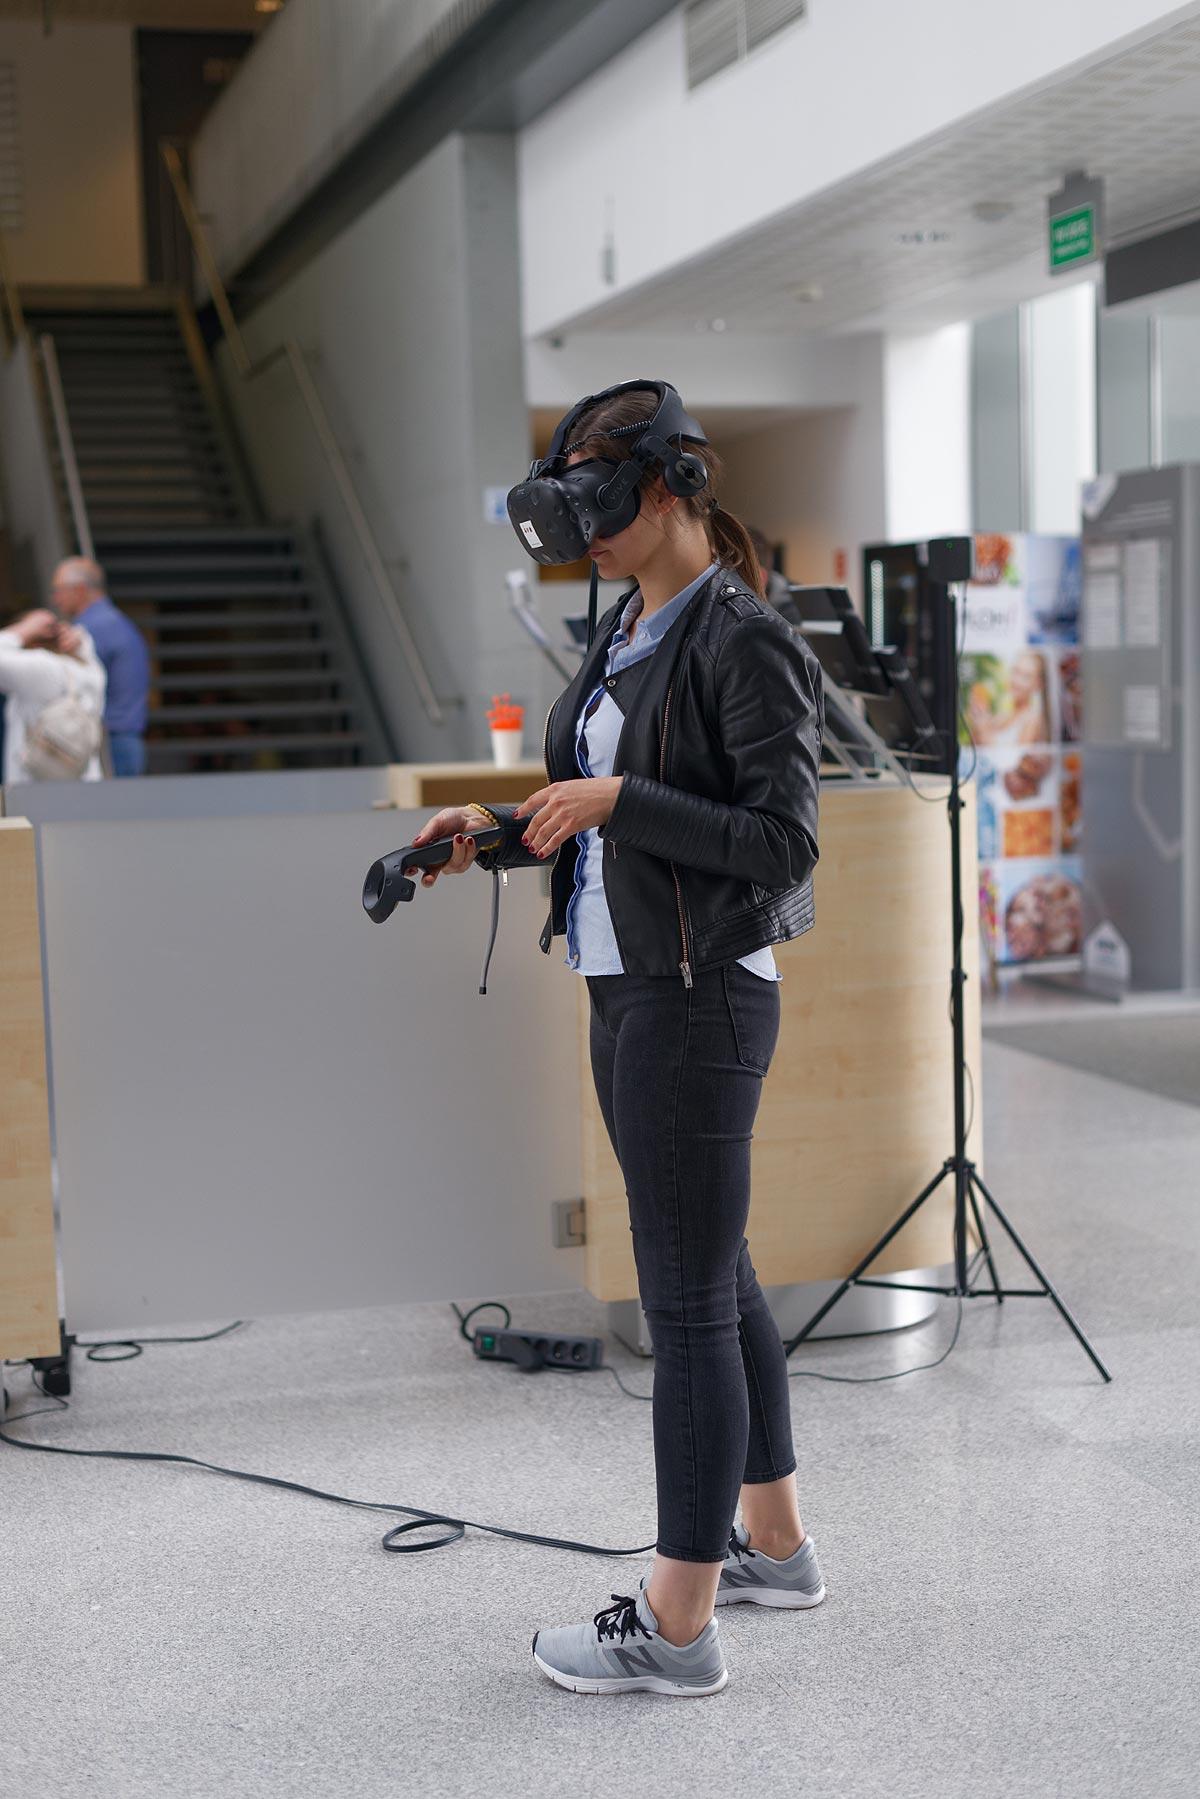 VR wirtualna rzeczywistość